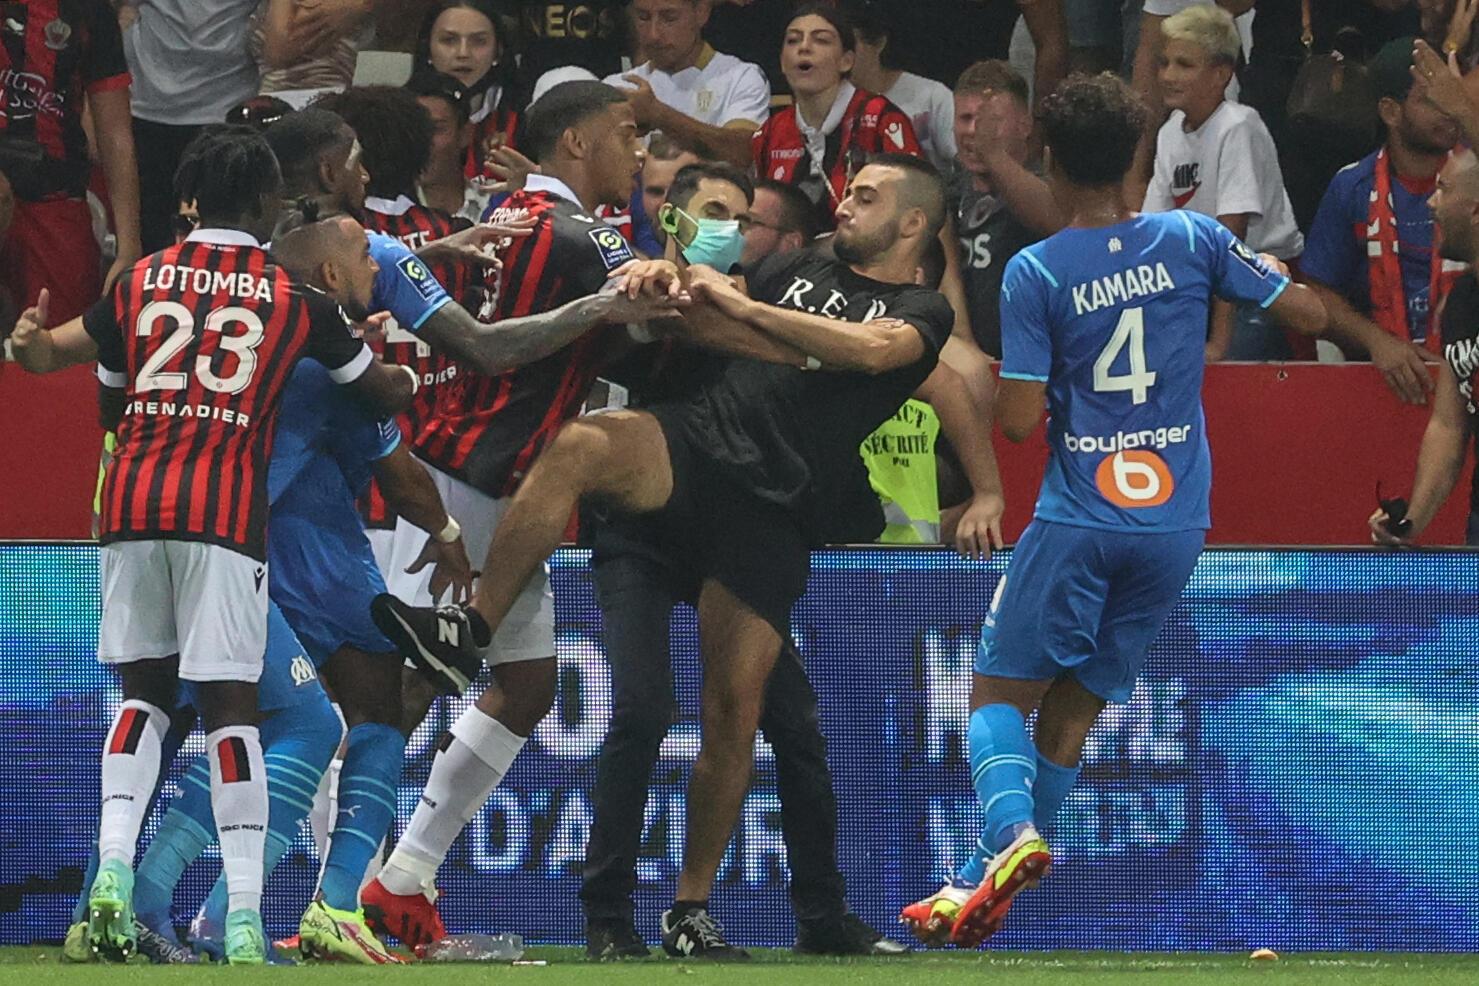 Des joueurs de Nice et de Marseille bloquent un supporter qui tente de donner un coup de pied au joueur marseillais Dimitri Payet (2e g) lors du match de L1 Nice-Marseille interrompu, le 22 août 2021 à Nice